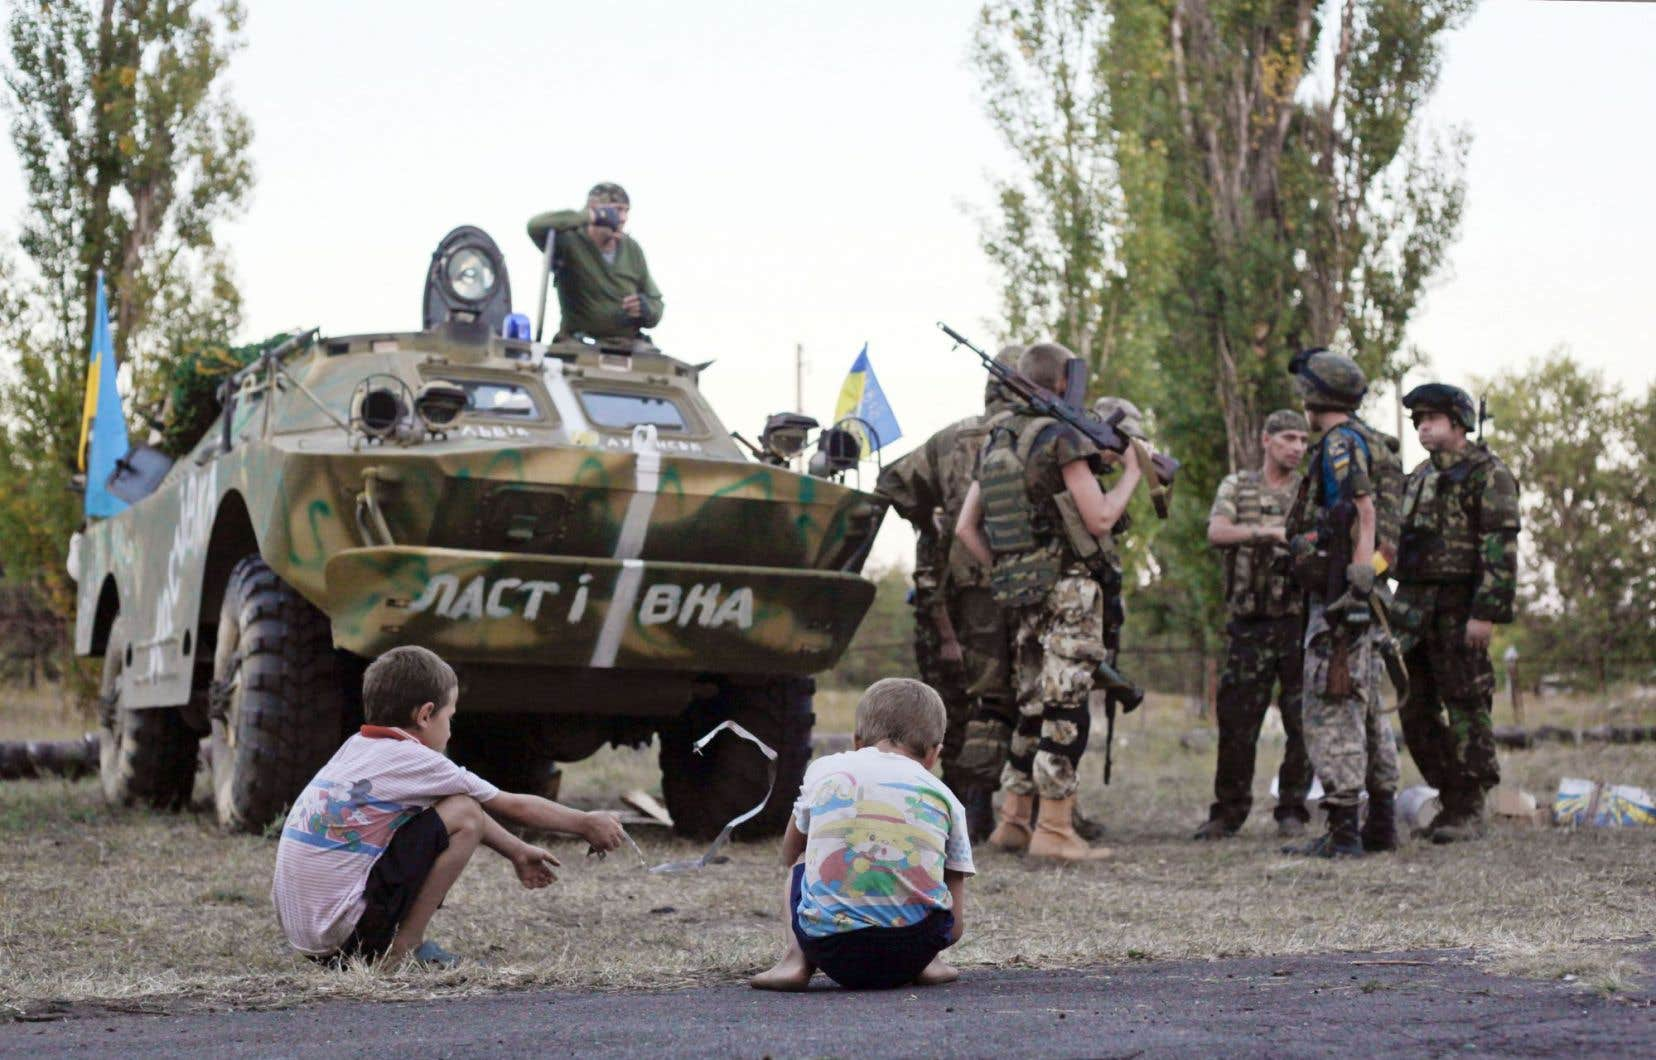 De jeunes enfants assistent à une réunion de soldats à Shchastya, dans l'Est ukrainien.